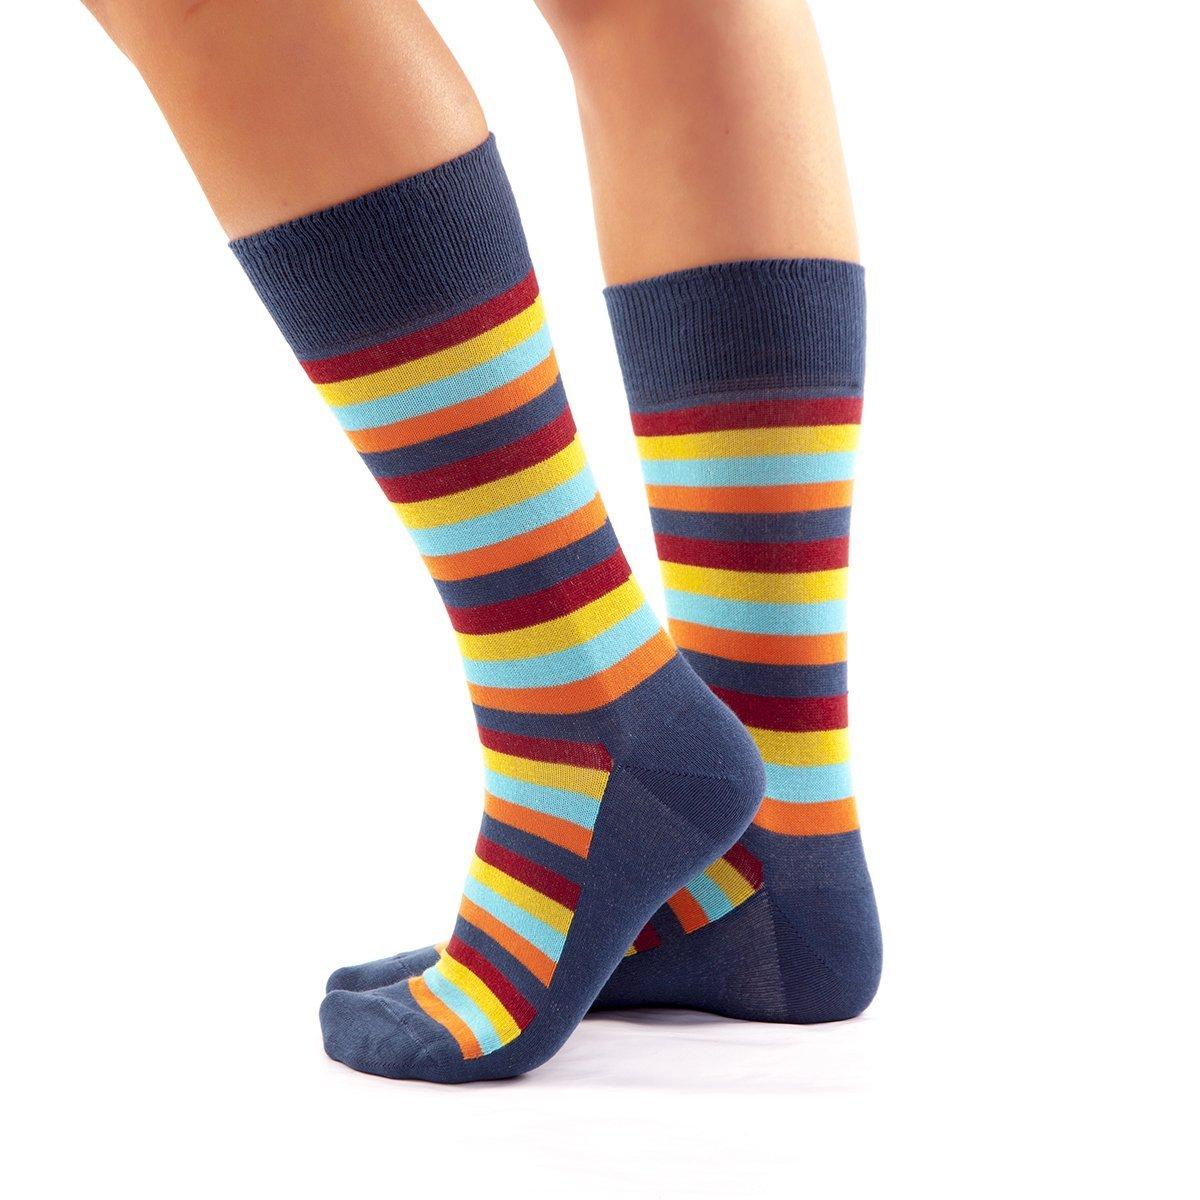 Compra calcetines con calefacción online al por mayor de